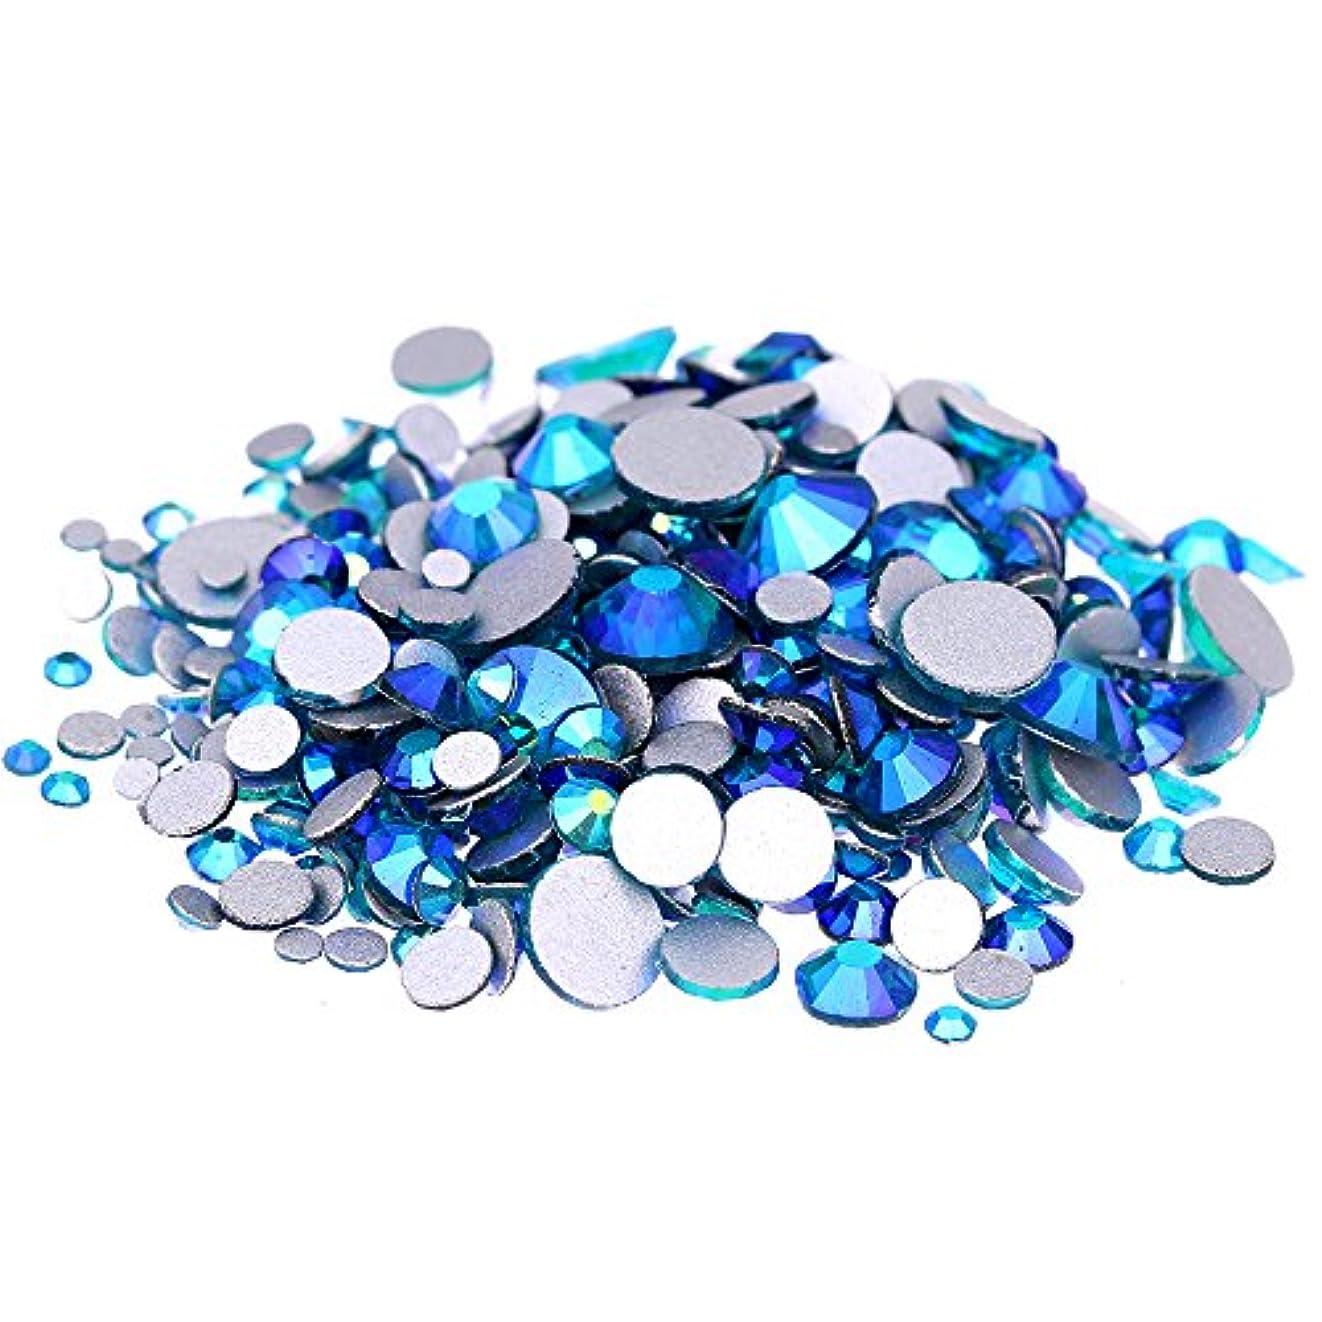 映画雨のメタリックNizi ジュエリー ブランド ブルージルコンオーロラ ラインストーン は ガラスの材質 ネイル使用 型番ss3-ss30 (SS16 1440pcs)